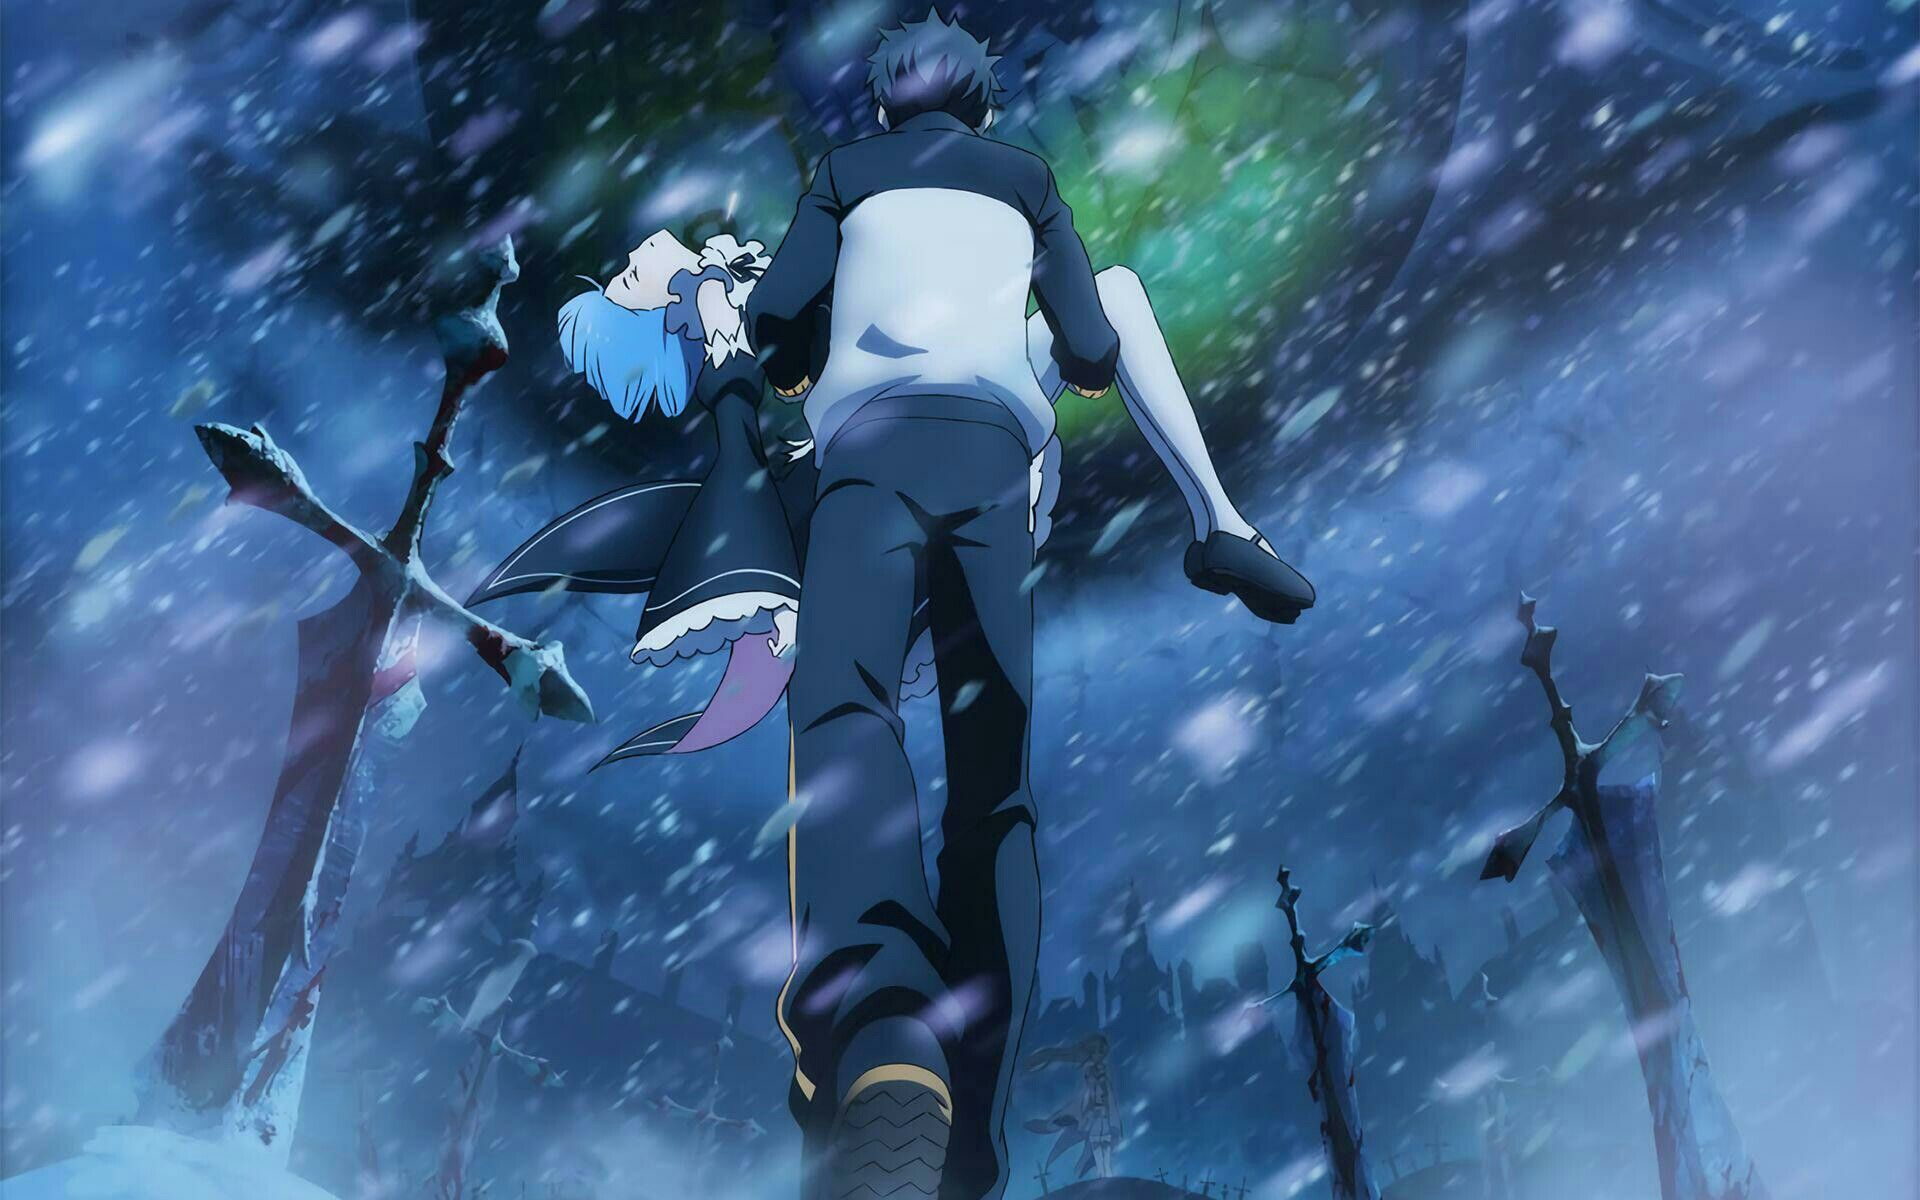 Subaru E Rem Anime Anime Hd Anime Background